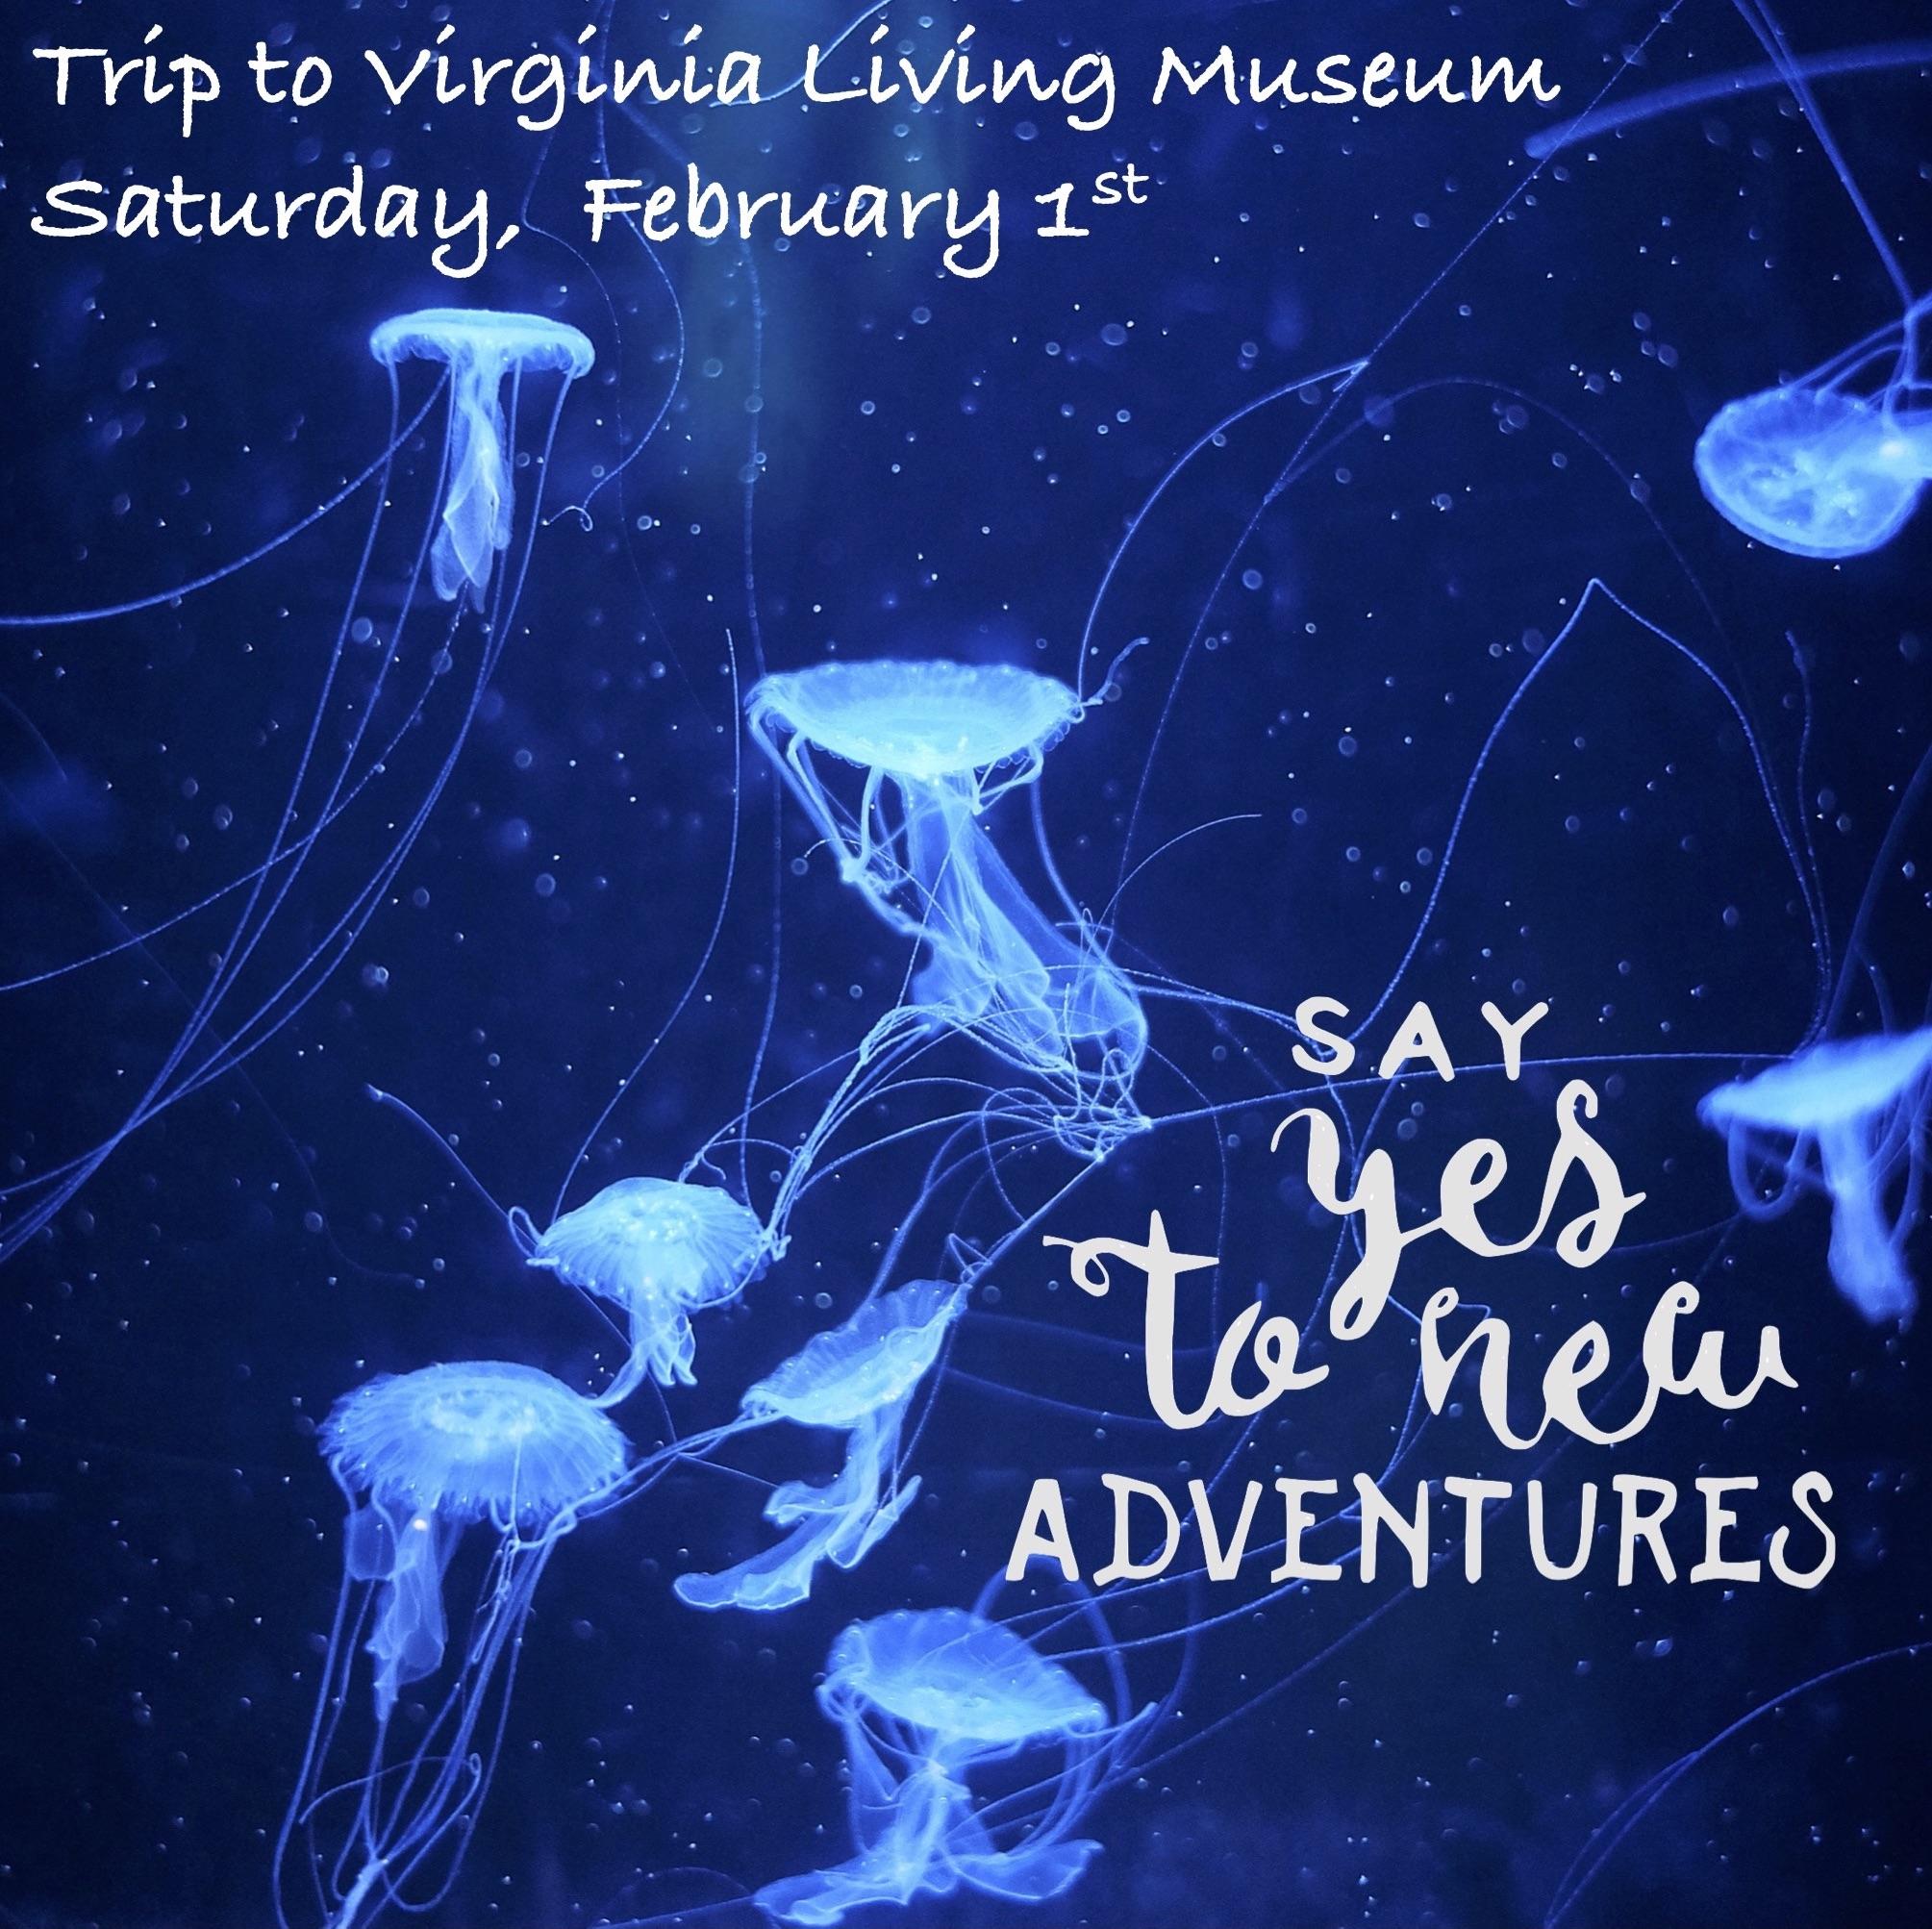 VA living museum trip